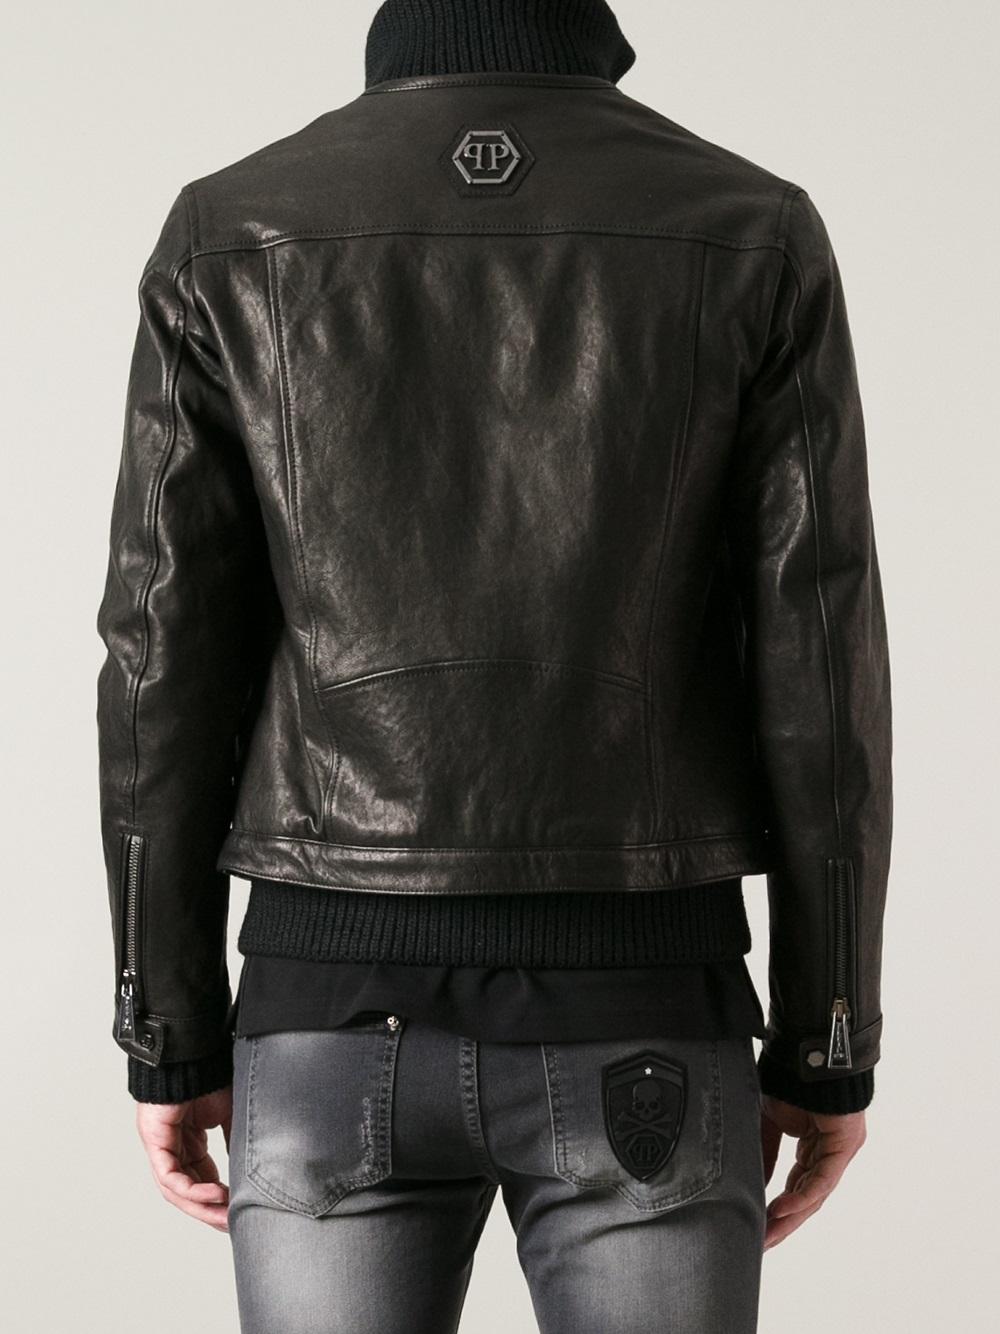 Philipp Plein Cotton Biker Jacket In Black For Men Lyst